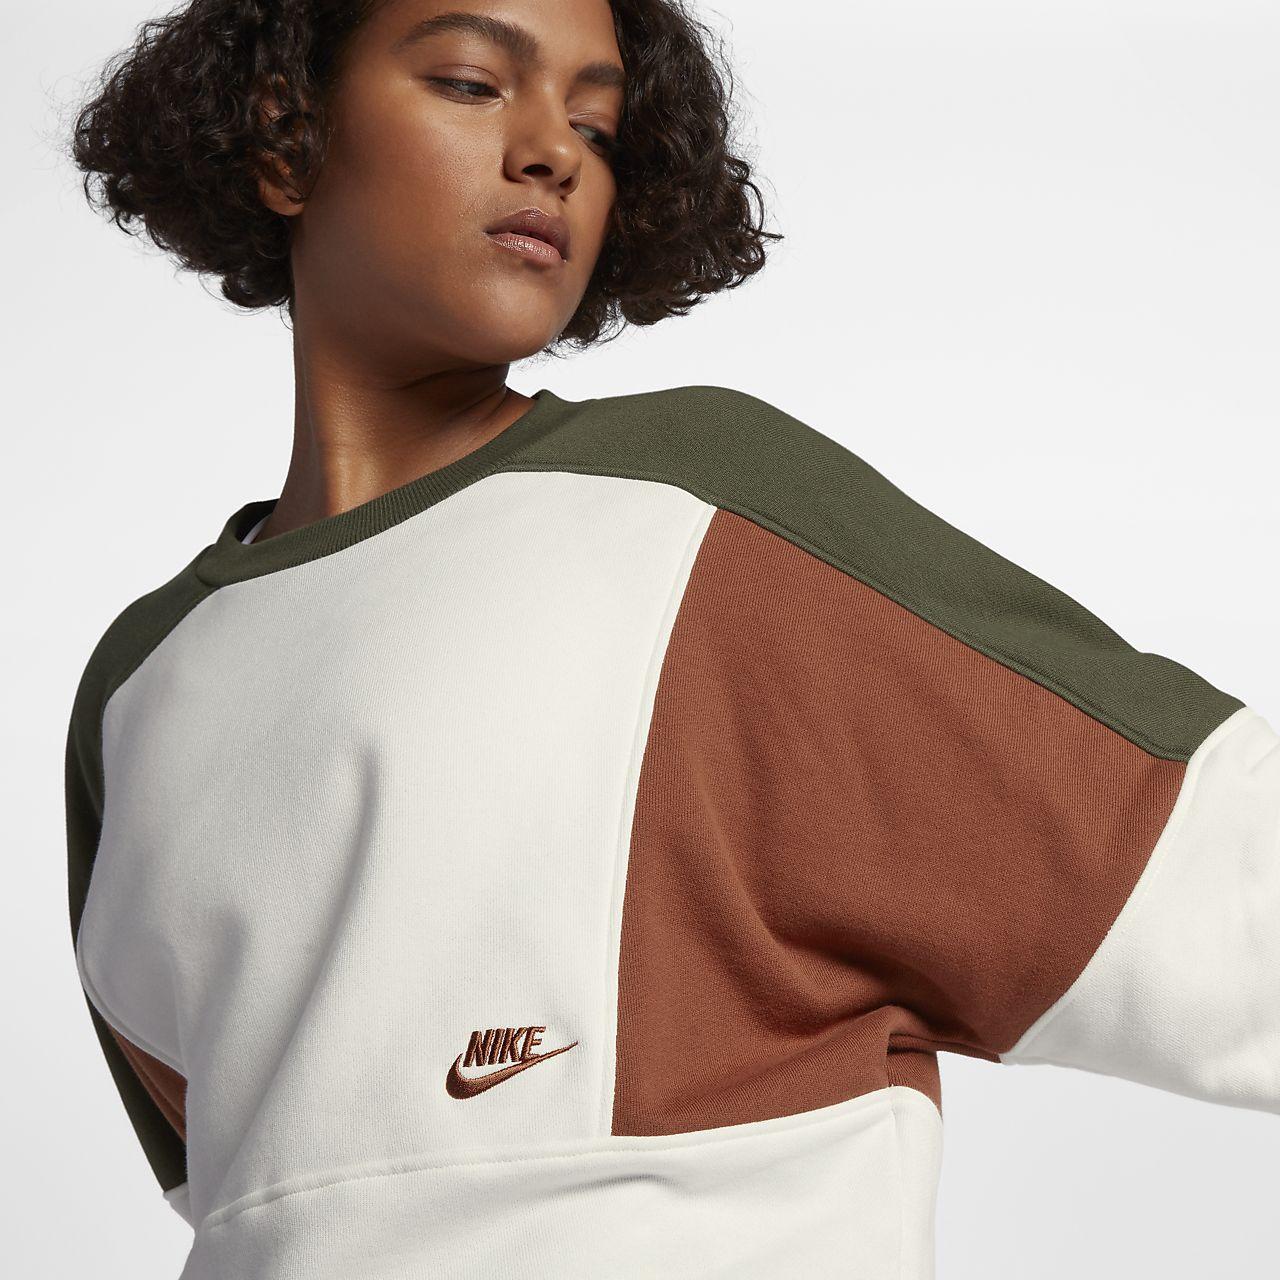 En Haut Fleece Tissu Sportswear Nike Be wwqTdrU